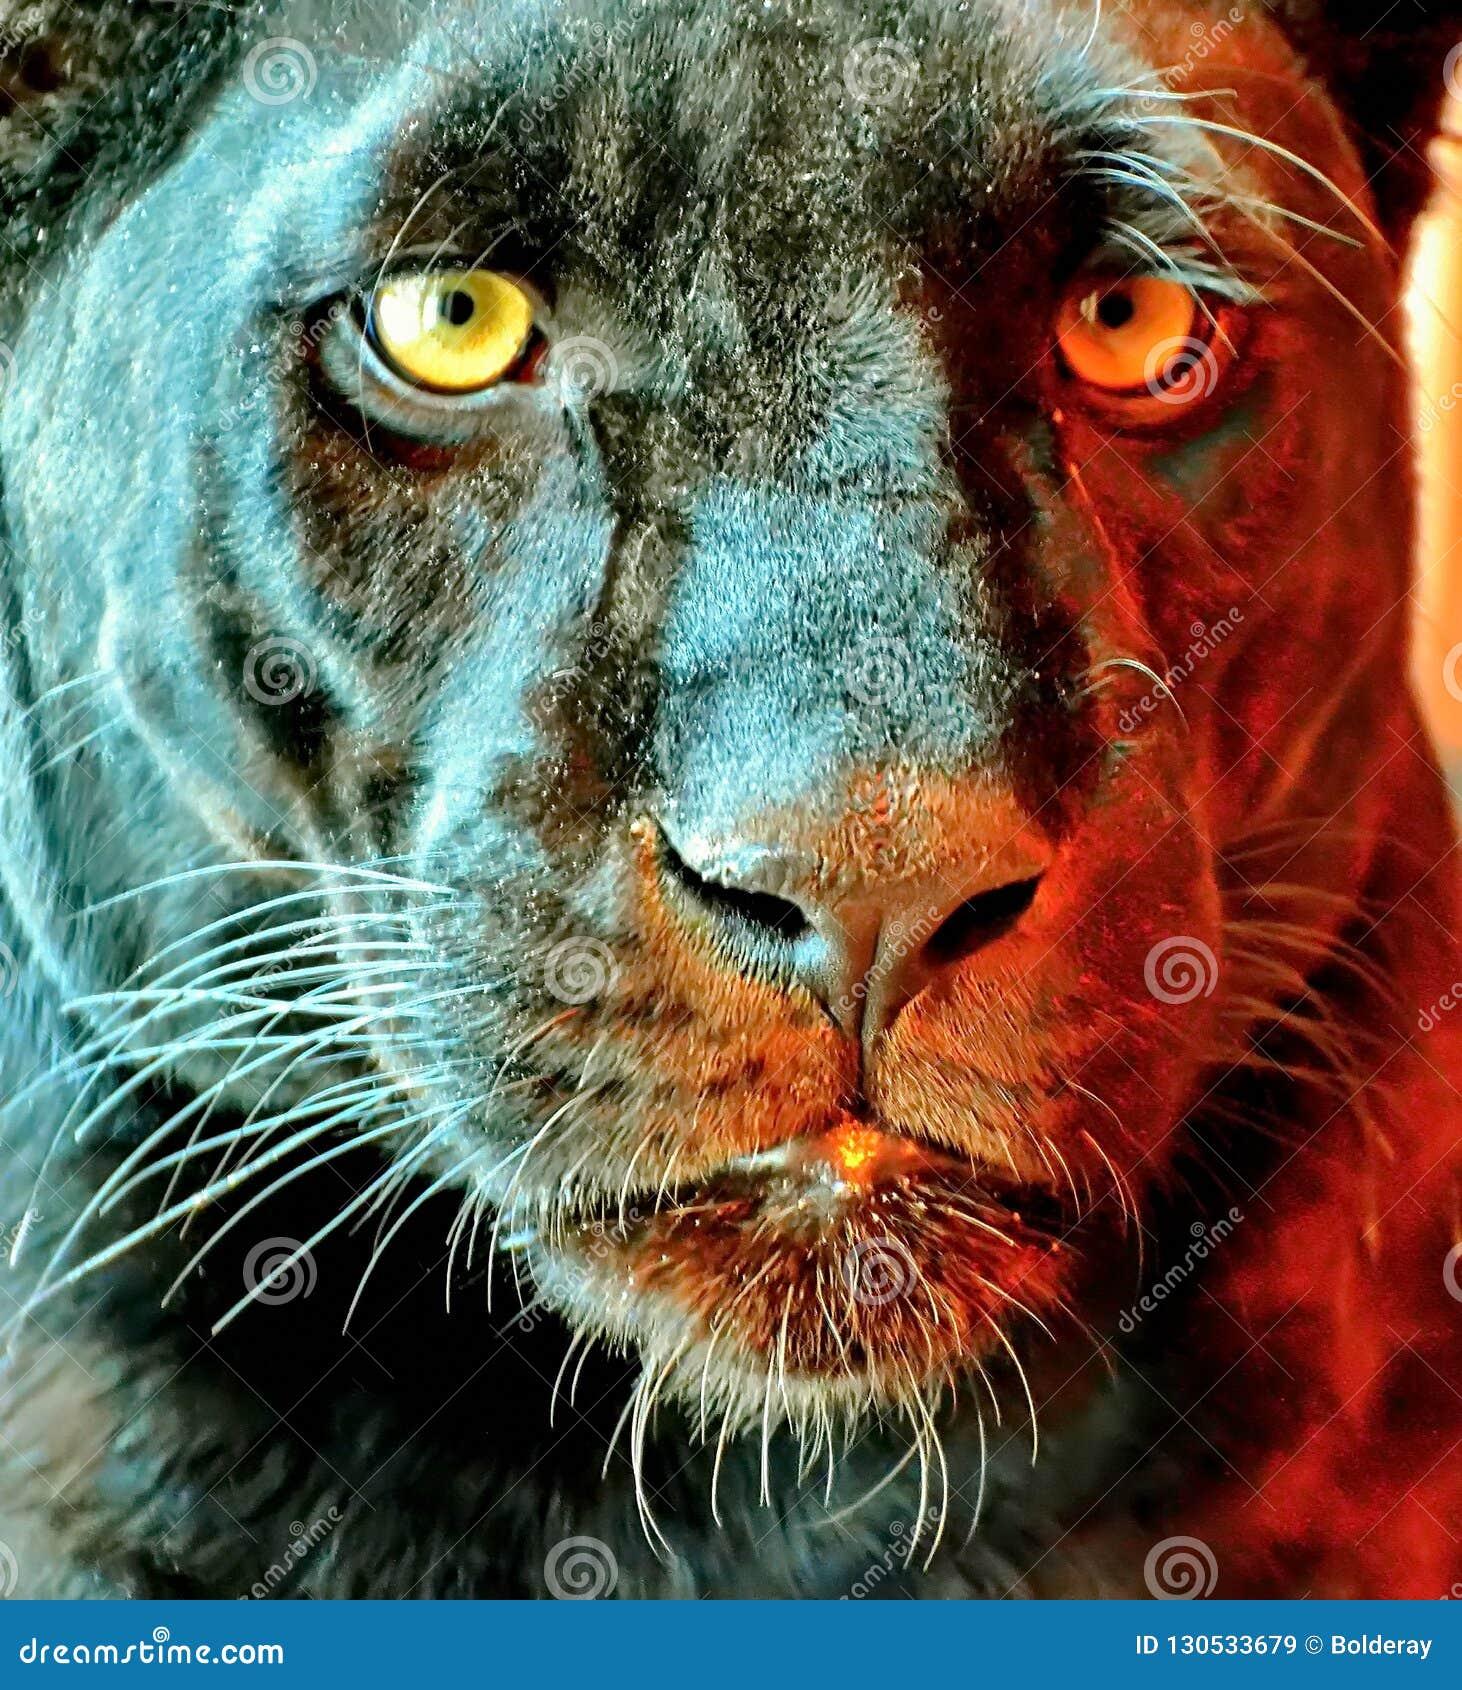 La panthera latina della pantera nera è un animale raro in natura La sua bellezza è oltre dubbio